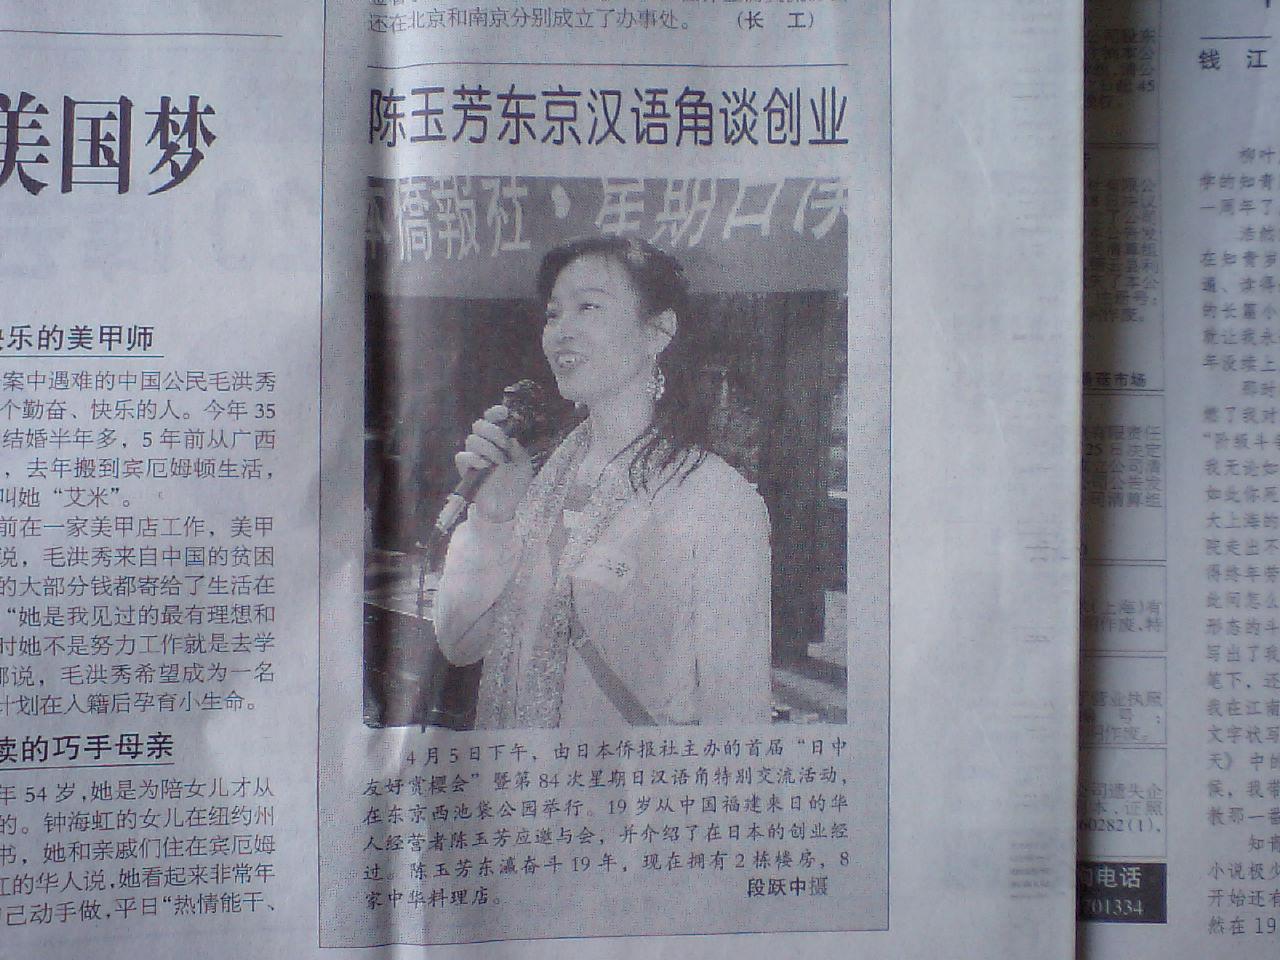 漢語角で講演した陳玉芳社長の写真 人民日報(海外版)に掲載_d0027795_1236428.jpg